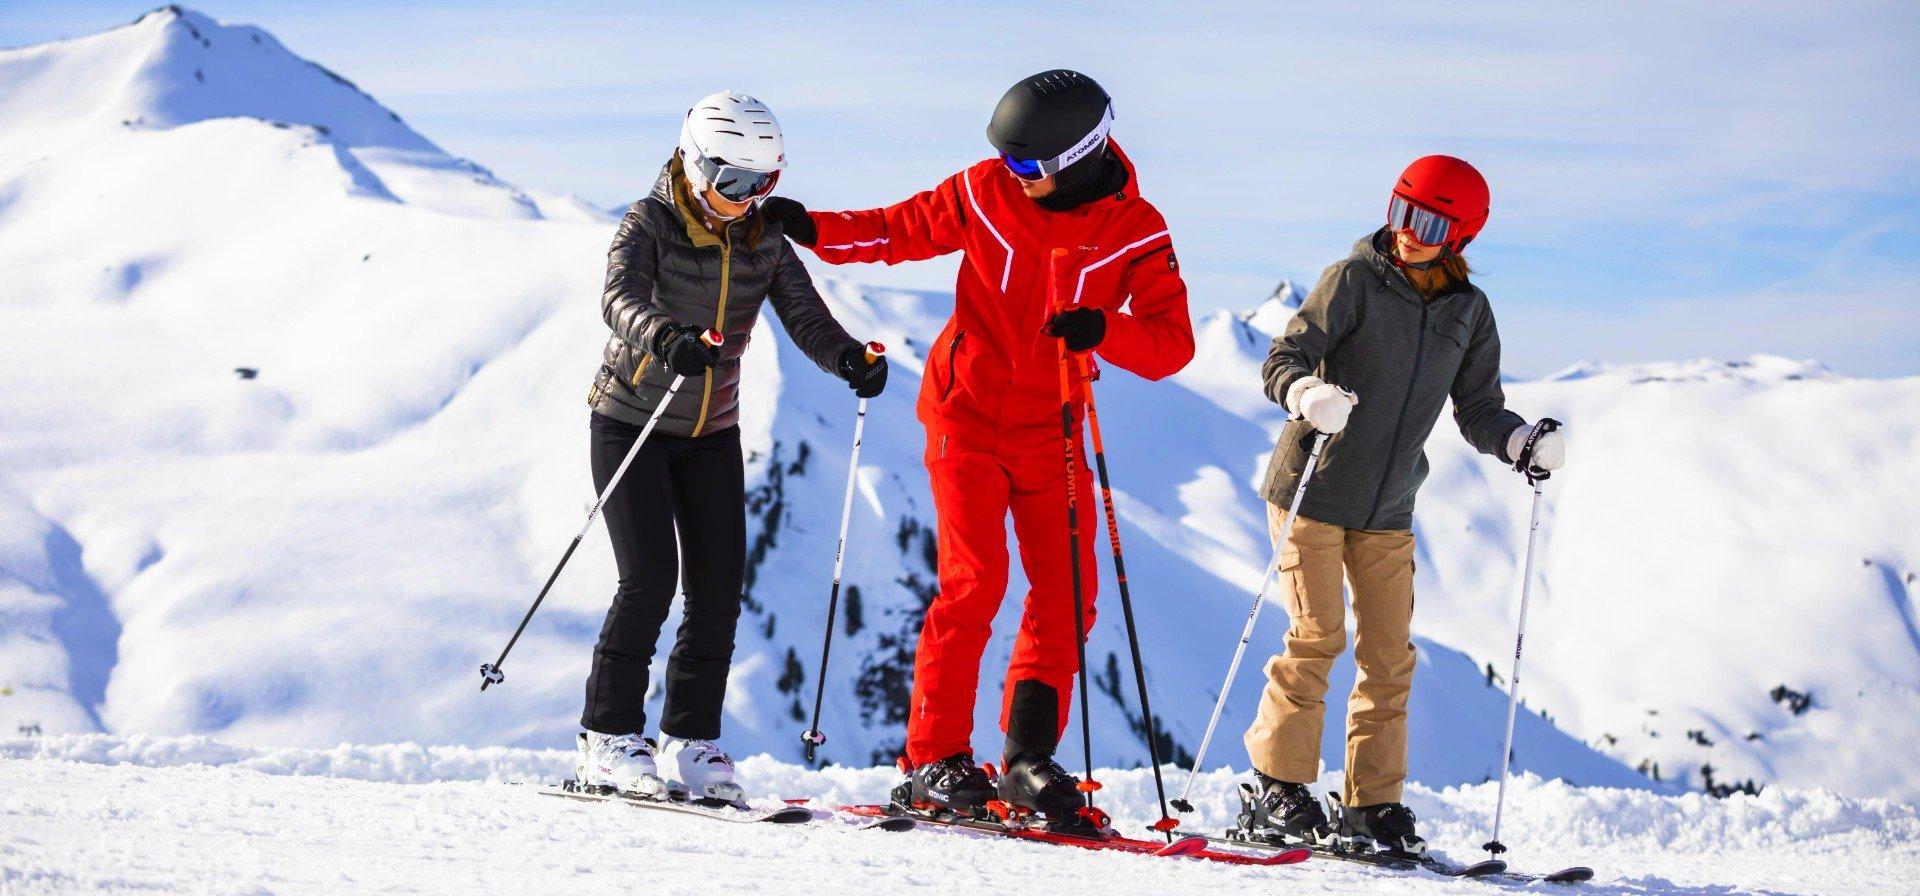 Een skileraar leert twee meisjes skiën.